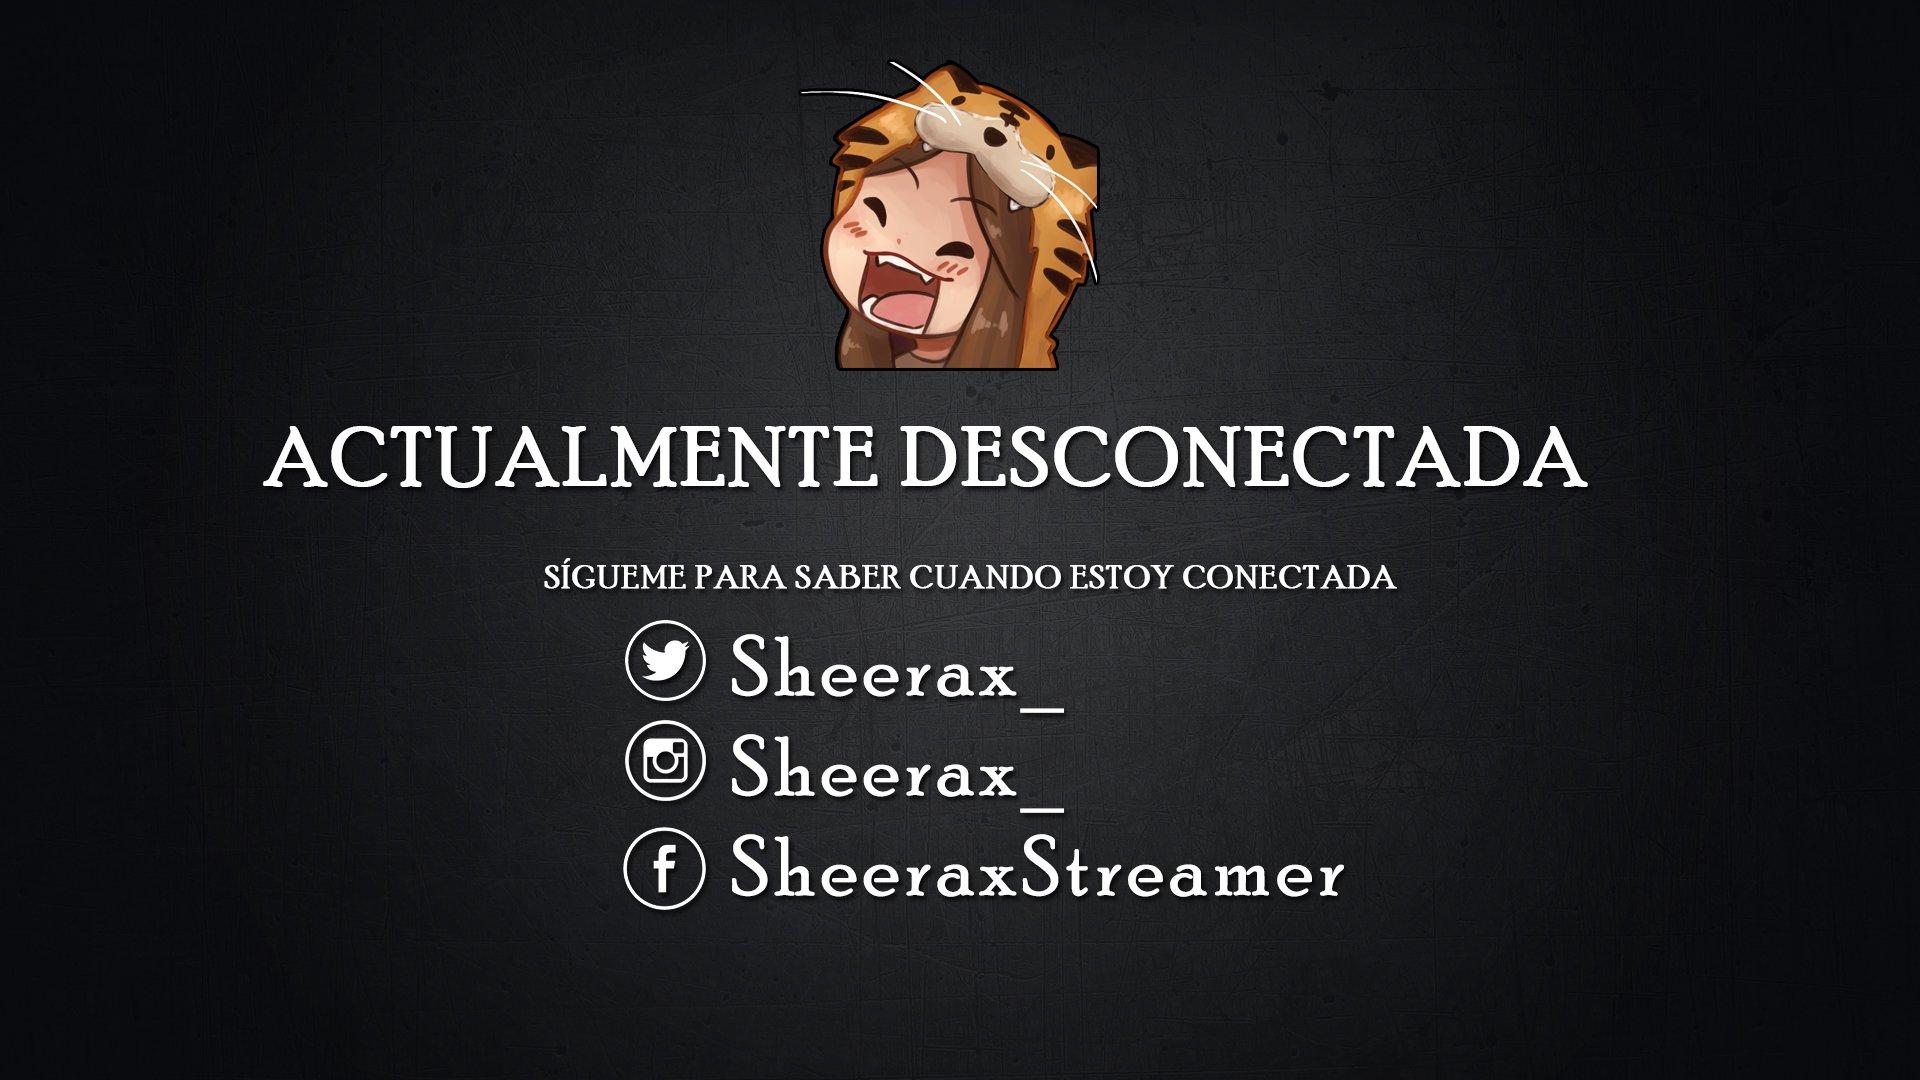 Sheerax